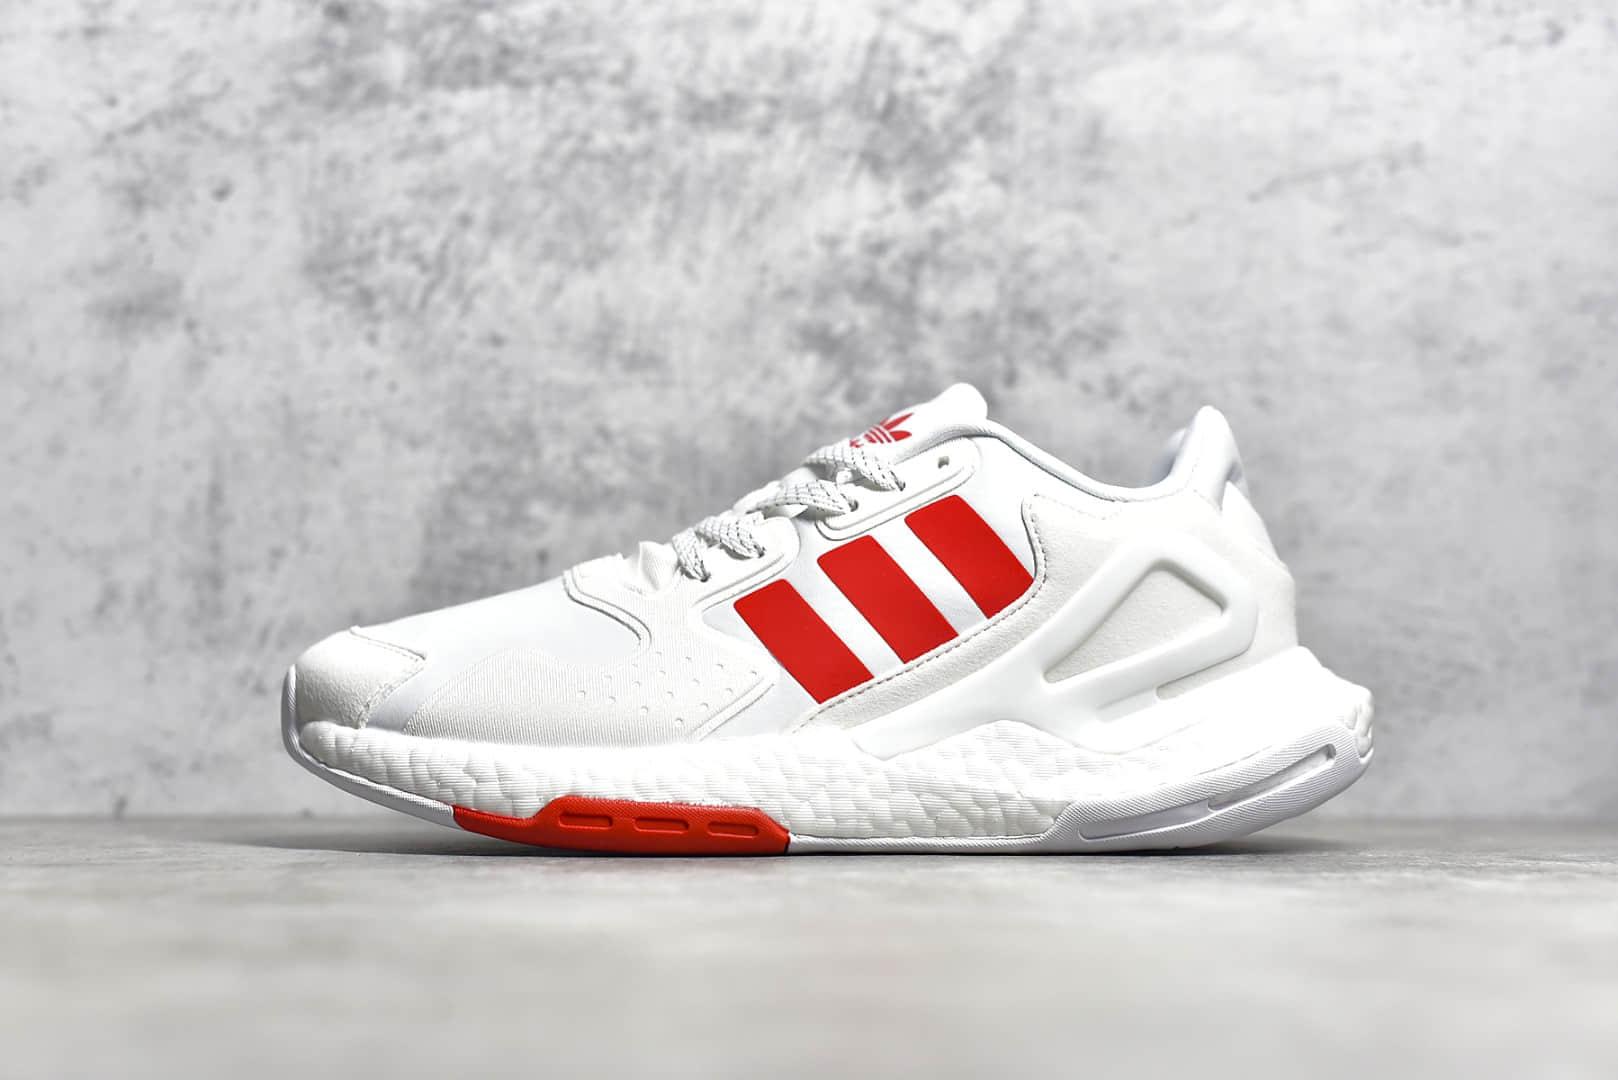 阿迪达斯夜行者二代白红BOOST跑鞋 adidas Day Jogger 阿迪达斯爆米花反光复古 货号:FW4819-潮流者之家